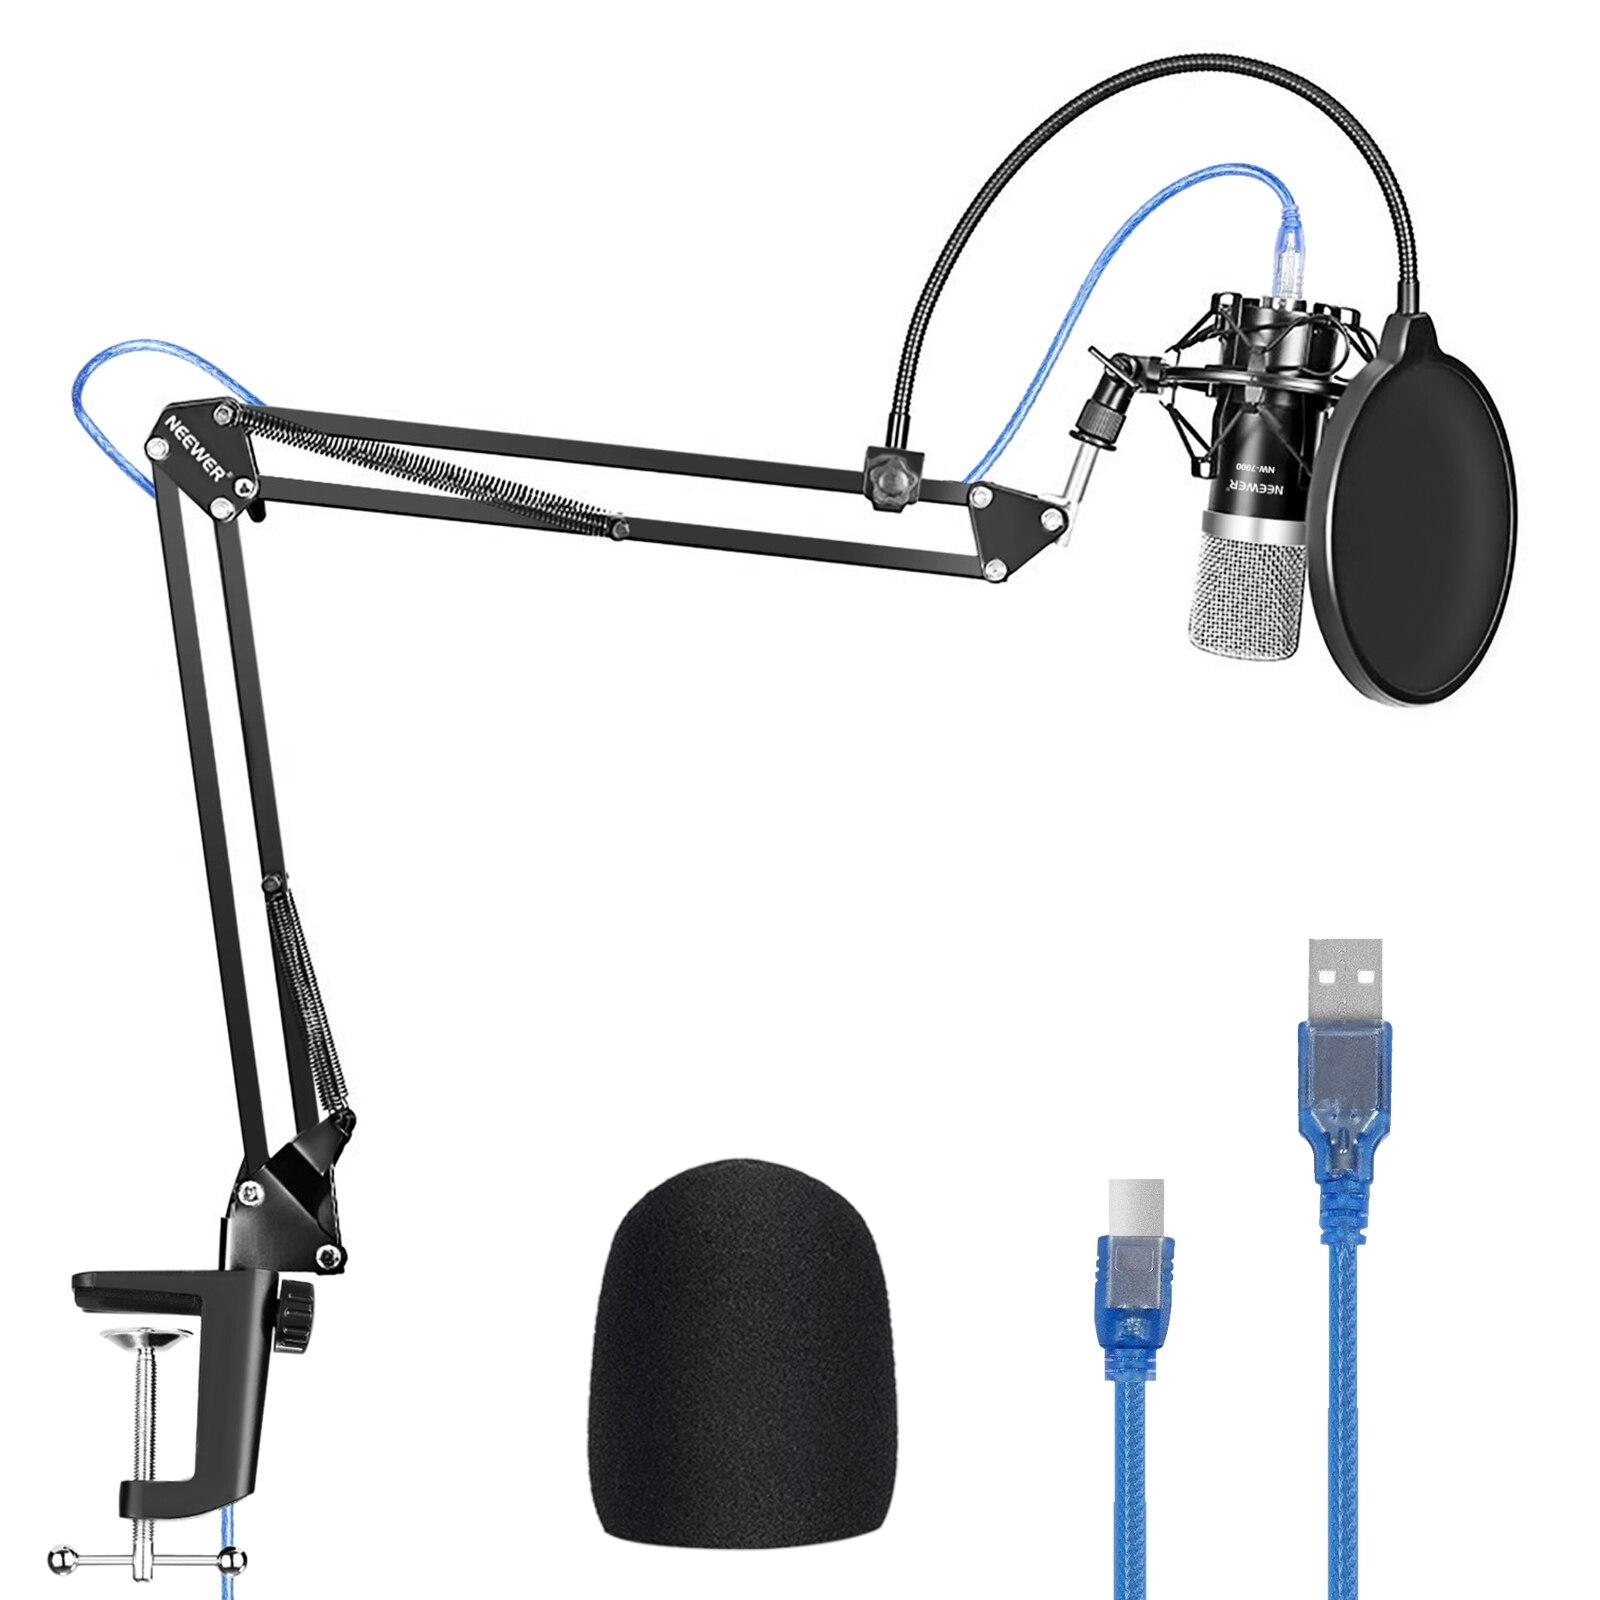 USB-микрофон Neewer для Windows и Mac с подставкой, Противоударное Крепление, поп-фильтр, комплект для вещания и звукозаписи (черный)